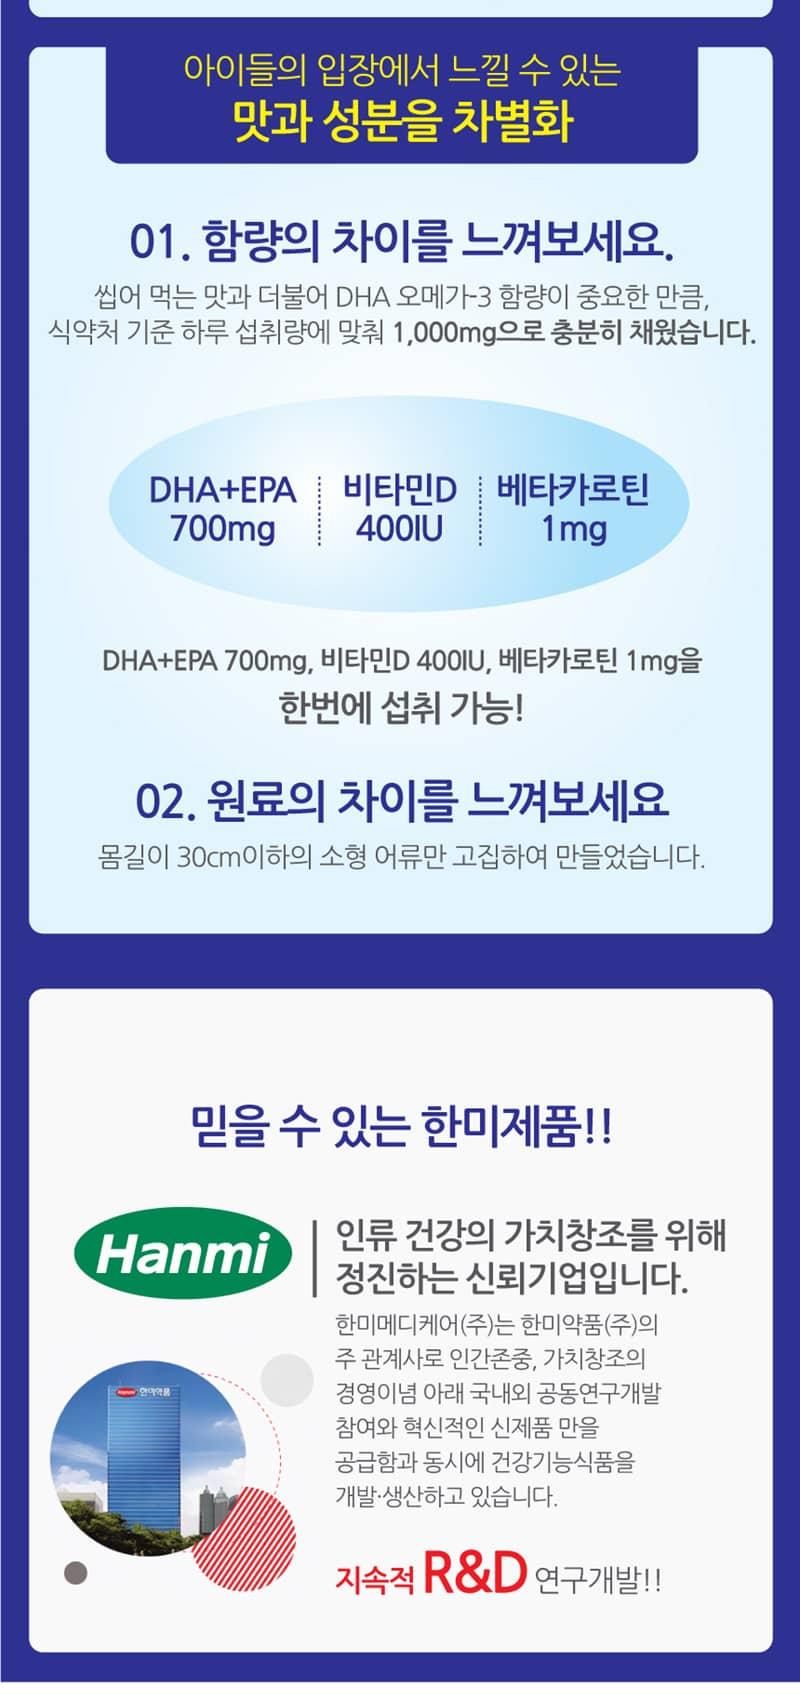 Hanmi-Kids_chyueobeul_omega3_detail_800_3.jpg